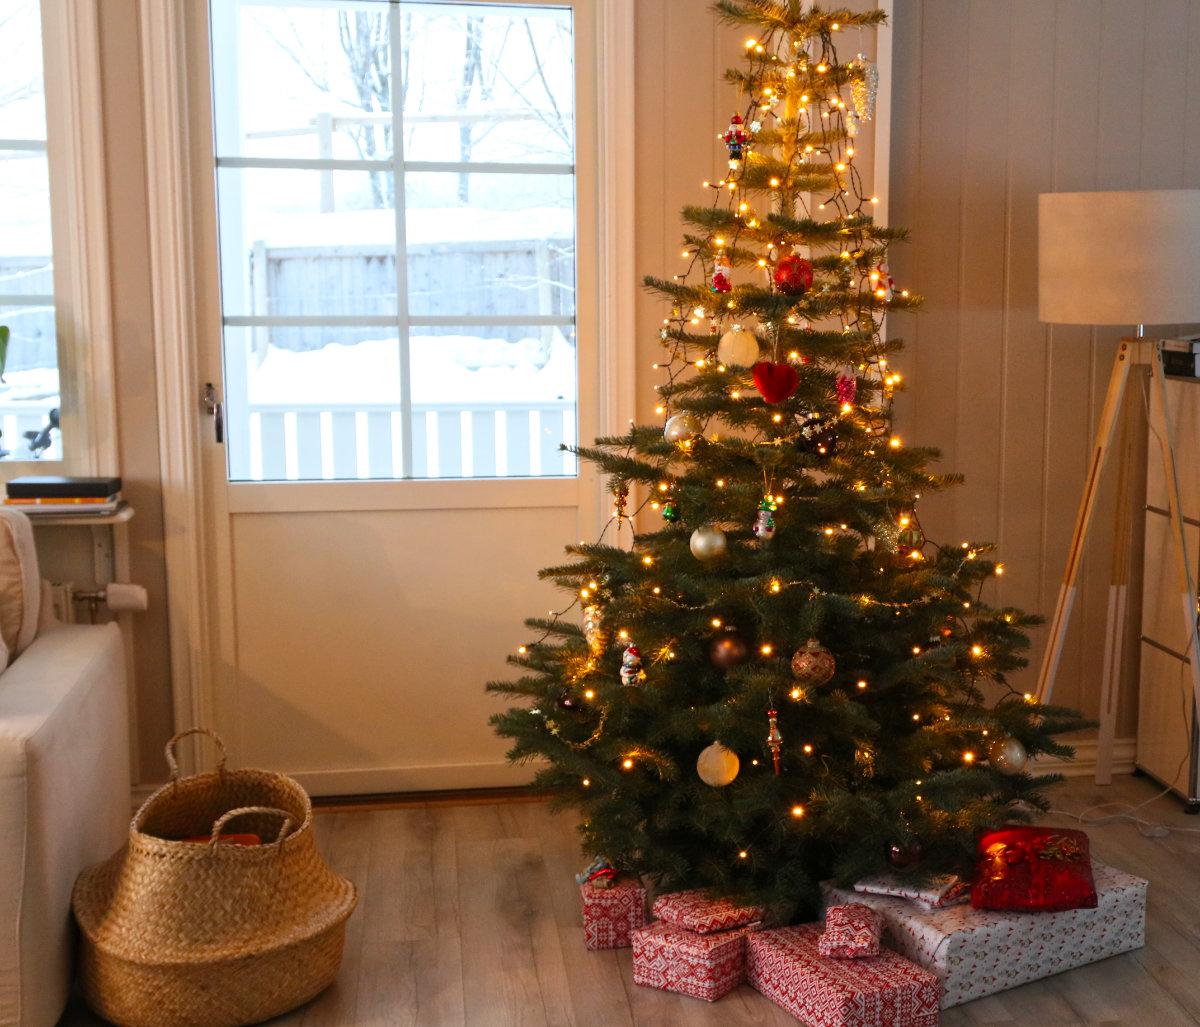 Weihnachten in Norwegen, Weihnachtsbaum